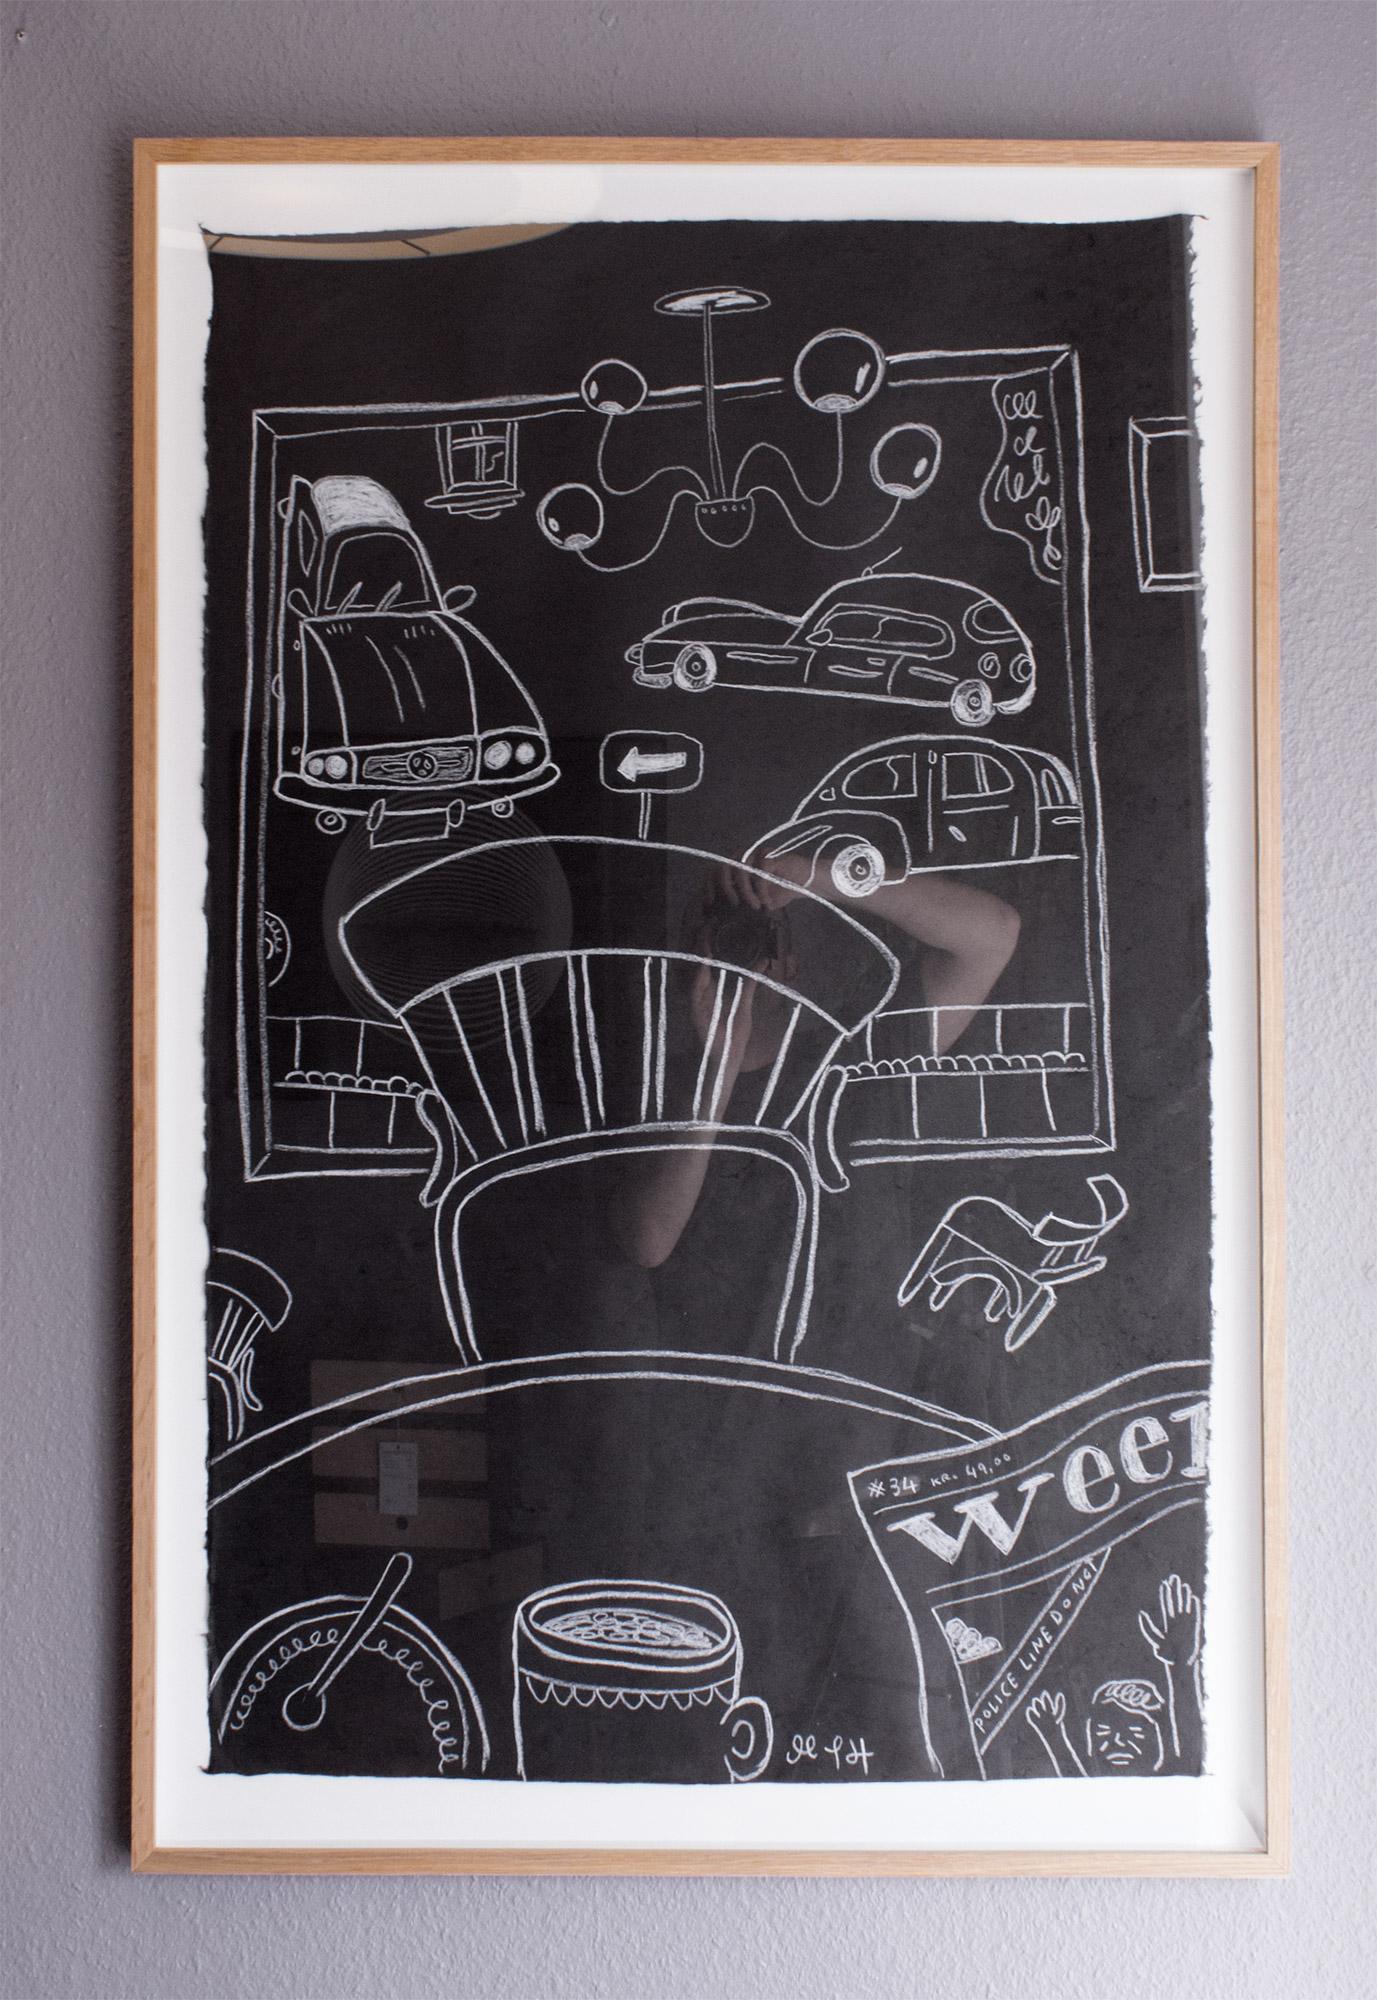 tegninger, figurative, illustrative, minimalistiske, monokrome, arkitektur, hverdagsliv, stemninger, transportmidler, sorte, papir, andre-medier, sort-hvide, samtidskunst, dekorative, design, interiør, bolig-indretning, moderne, moderne-kunst, Køb original kunst og kunstplakater. Malerier, tegninger, limited edition kunsttryk & plakater af dygtige kunstnere.